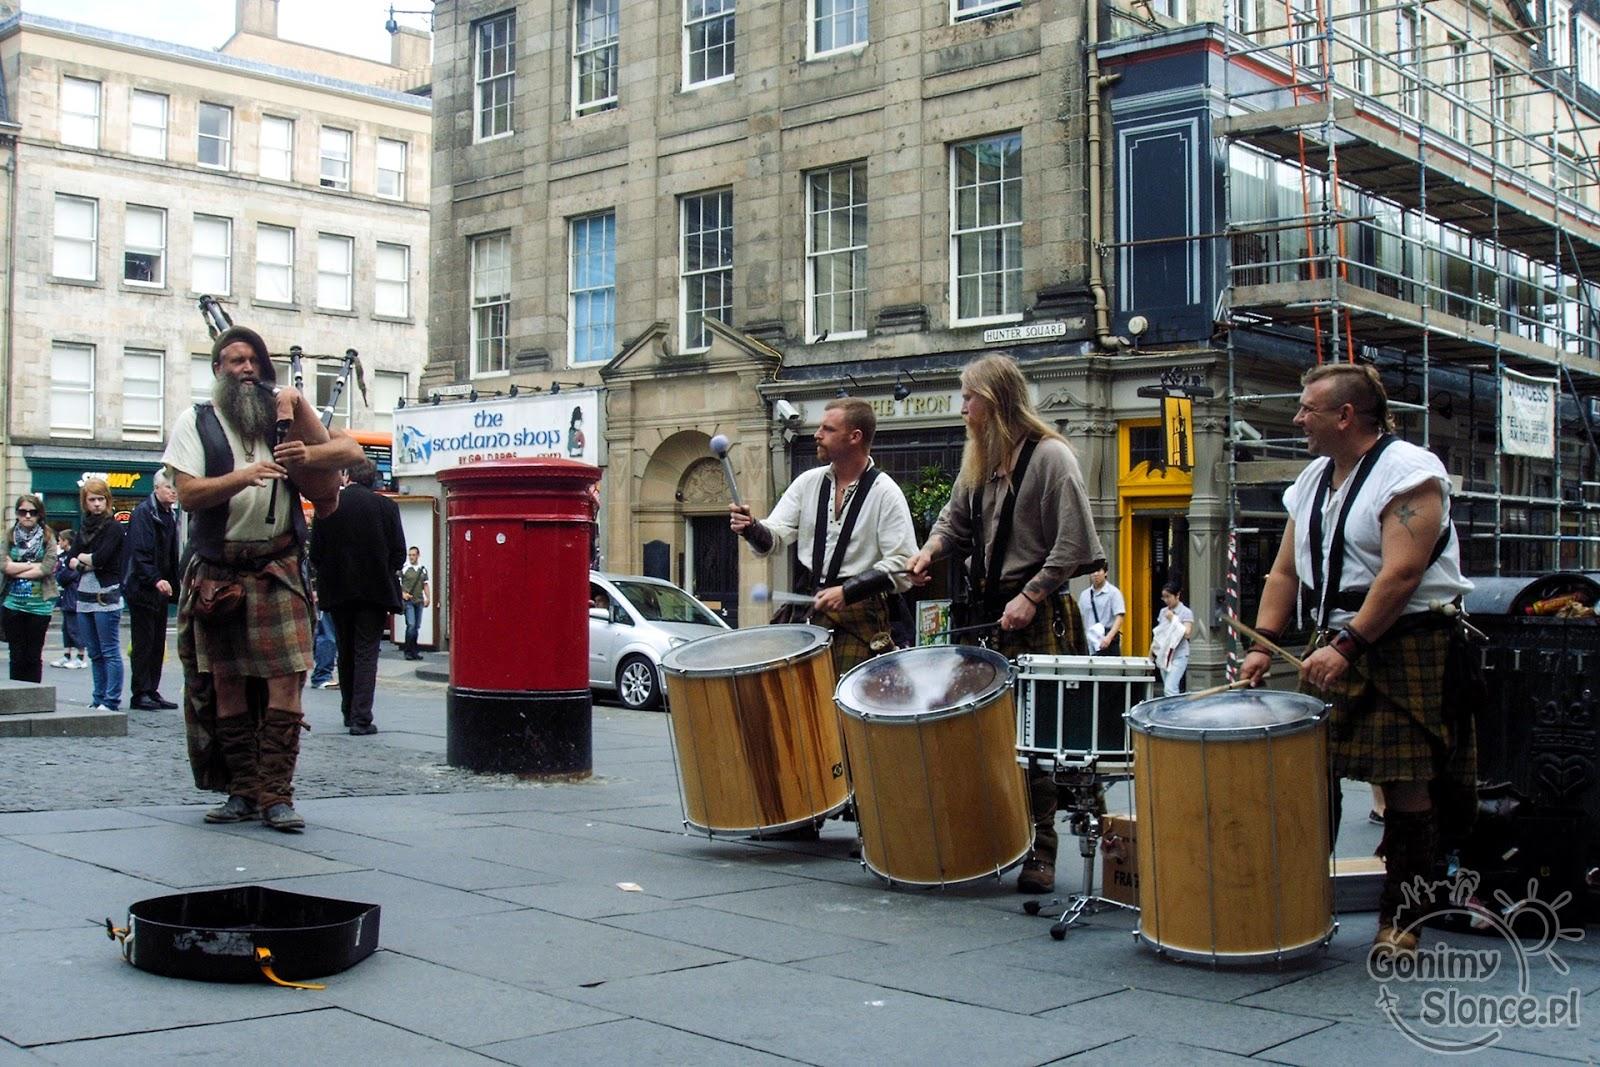 Szkocka muzyka ludowa na ulicach Edynburga - przewodnik